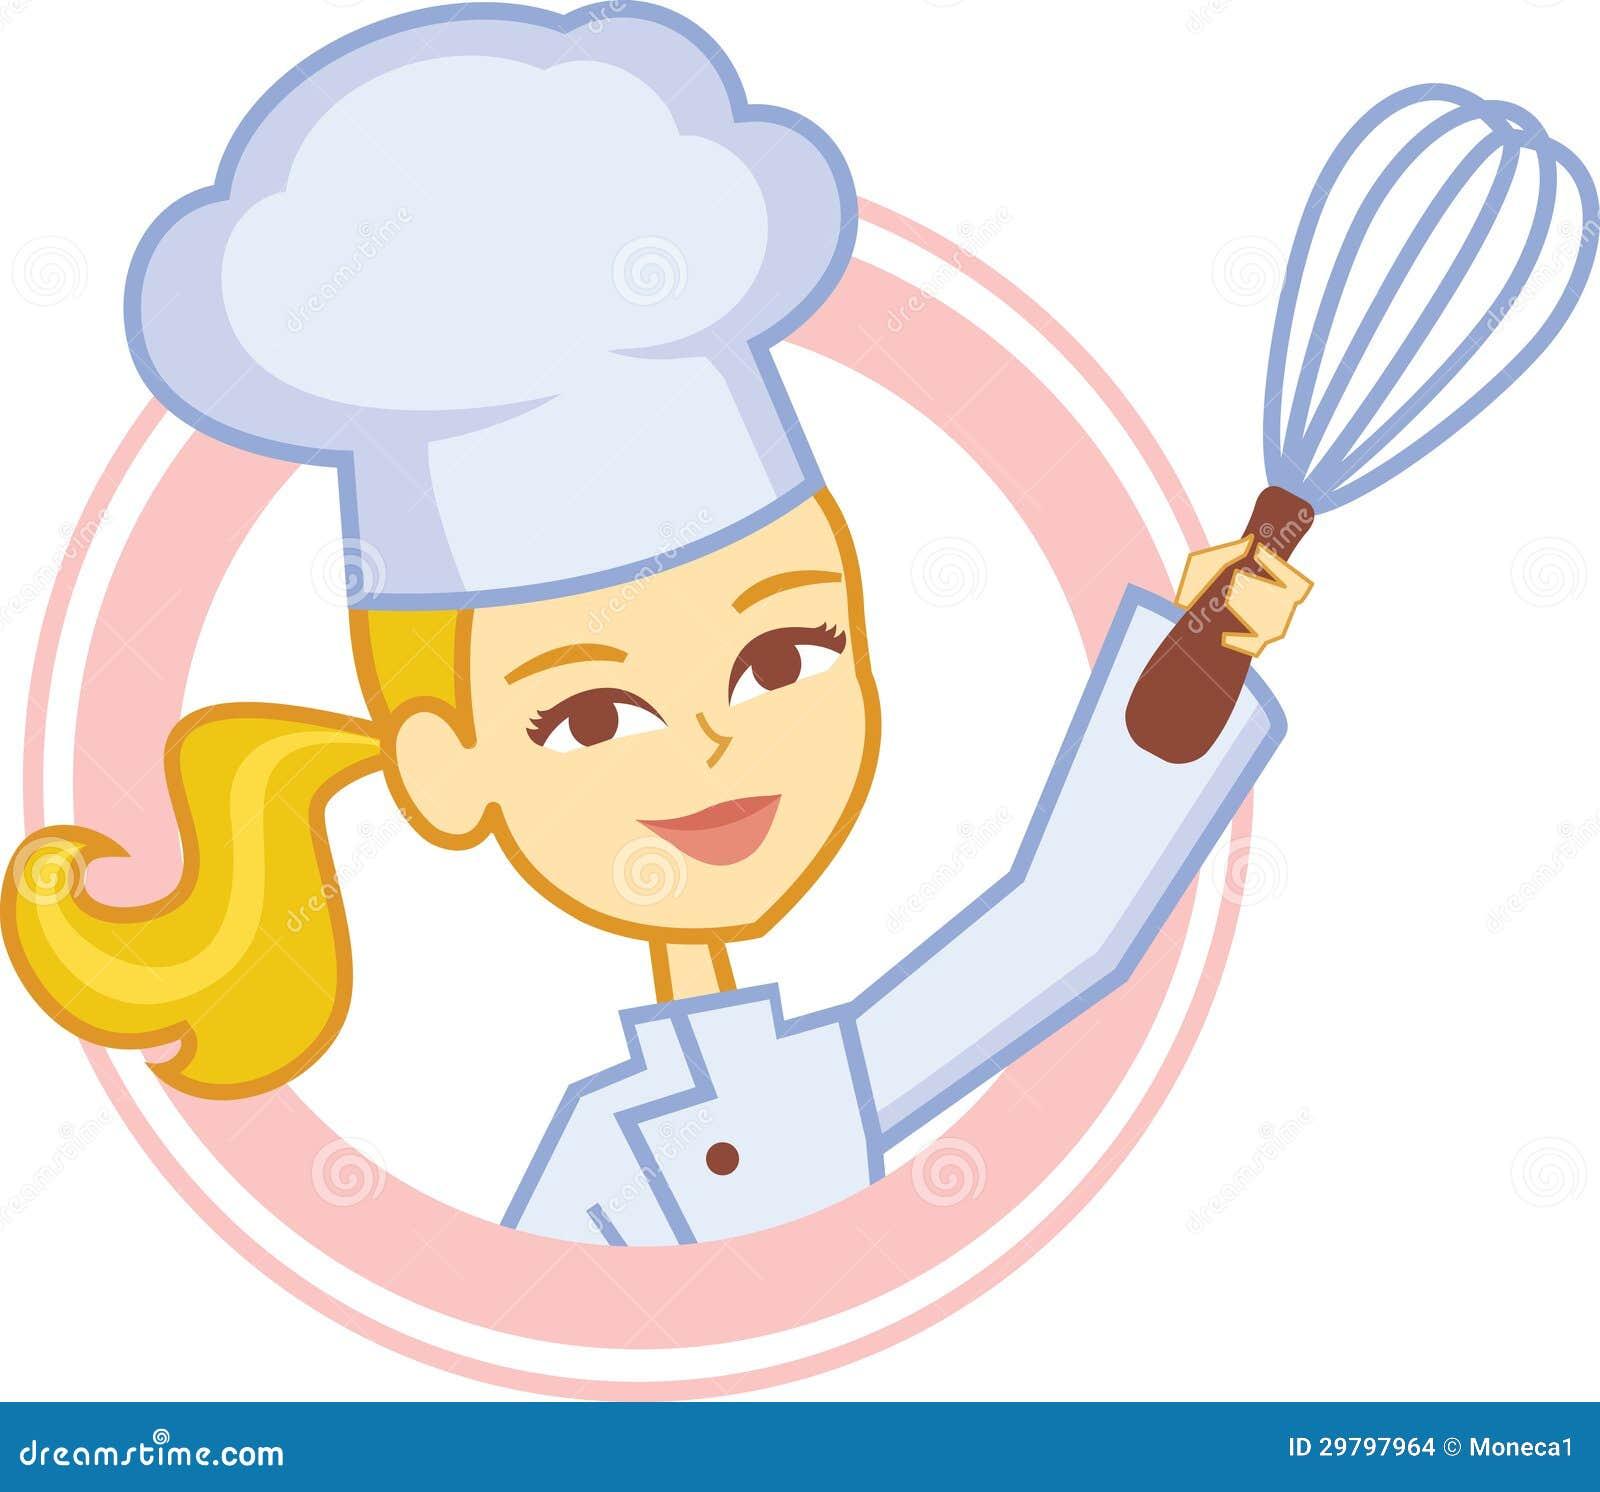 Immagini Stock: Logo del forno con il disegno di carattere del cuoco ...